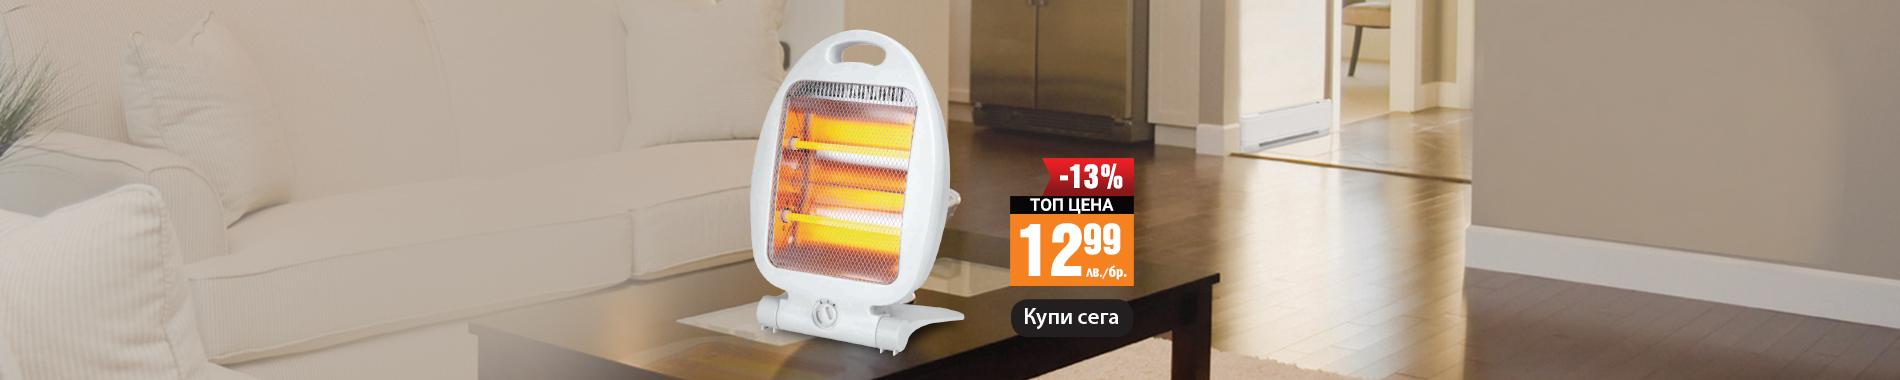 Кварцова<br/> печка